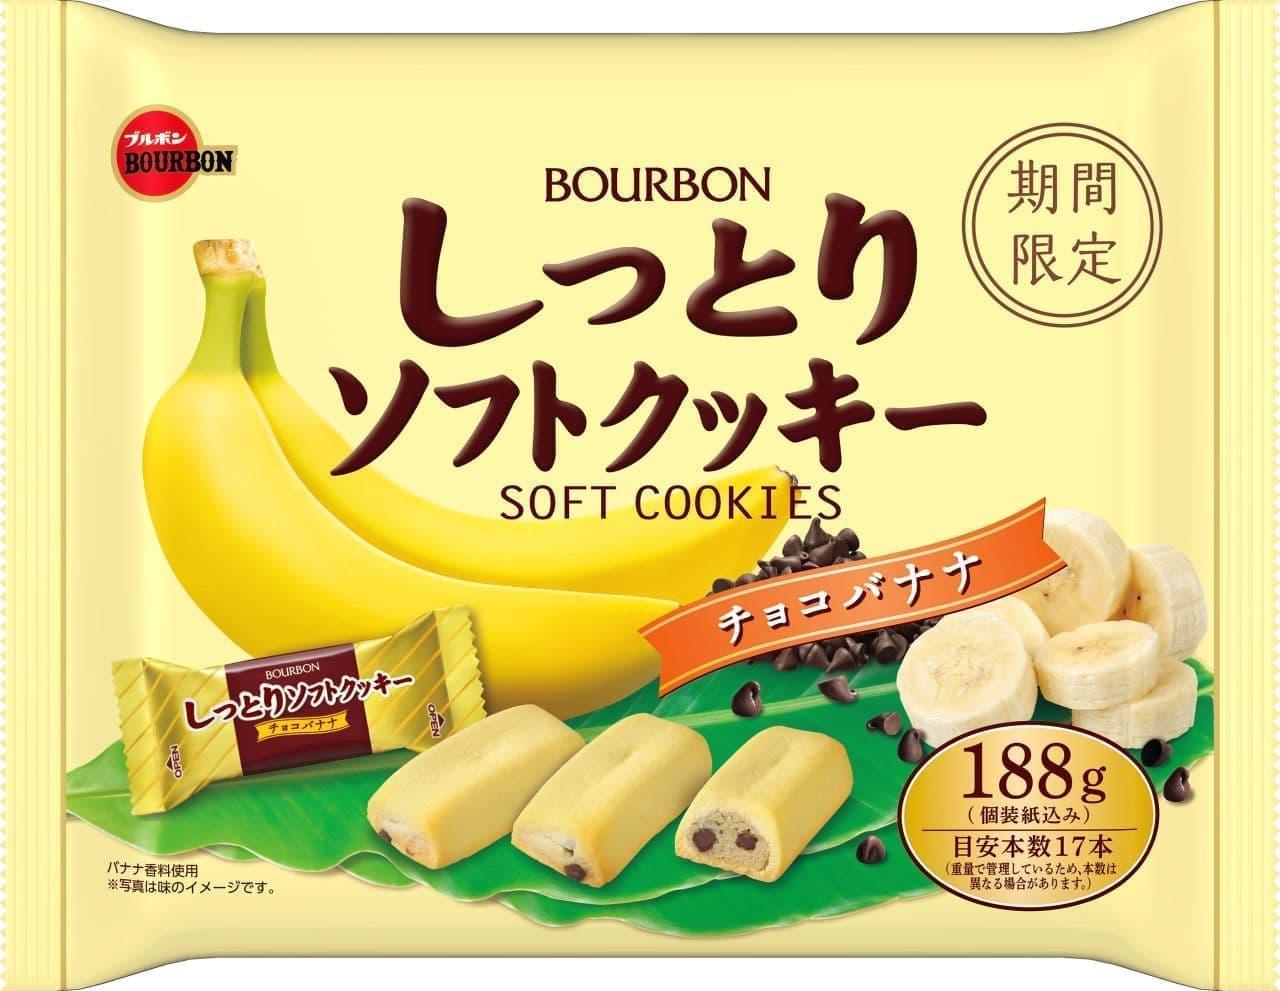 ブルボン「しっとりソフトクッキーチョコバナナ」